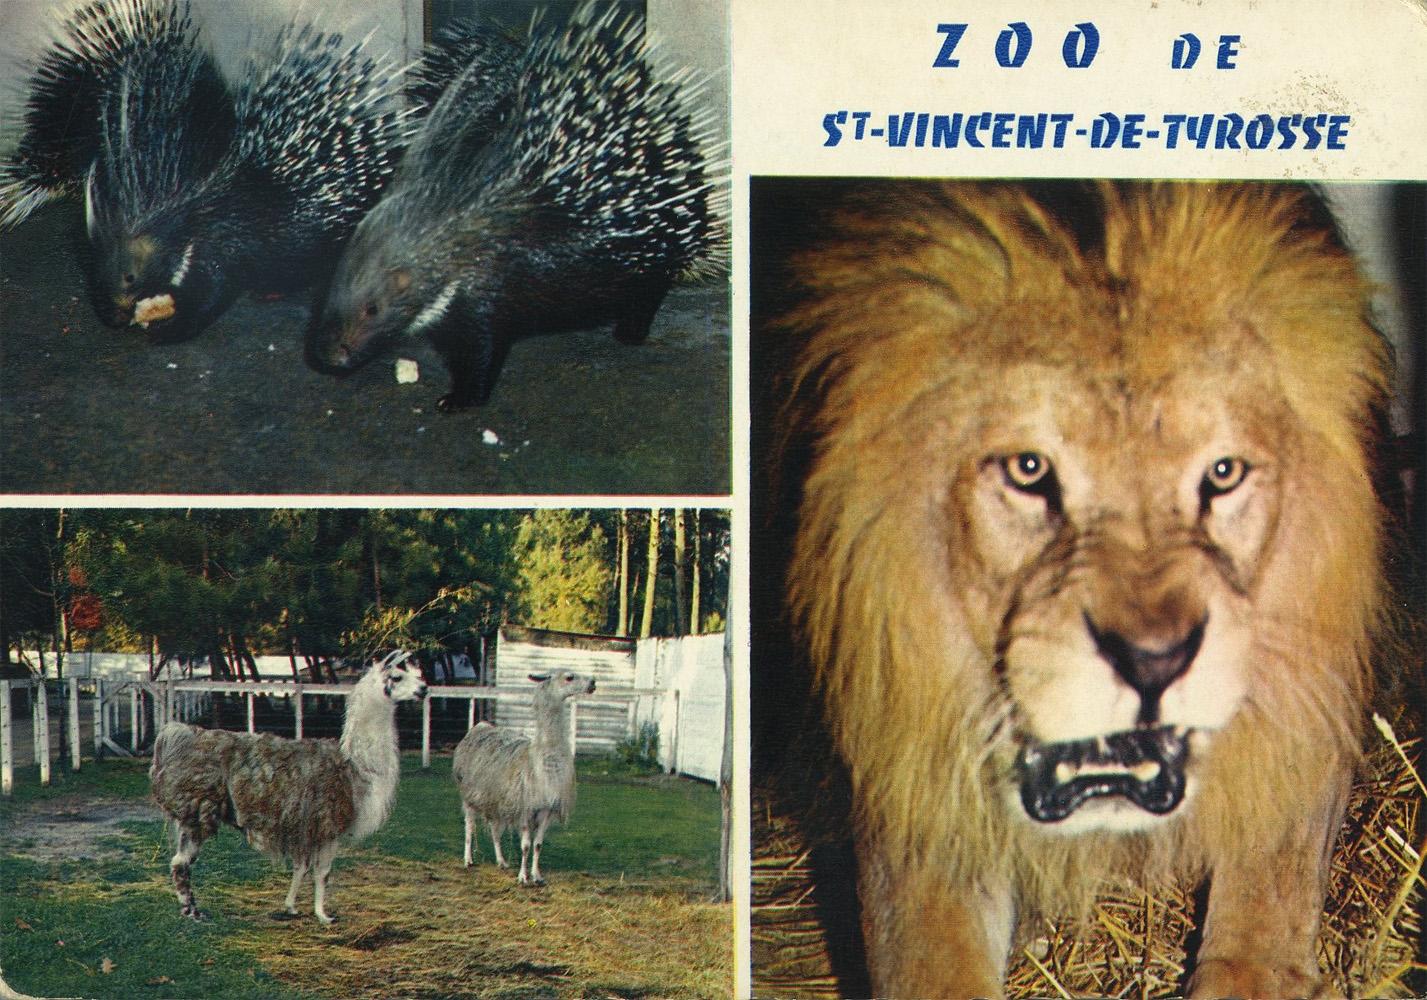 Les zoos dans le monde parc zoologique de saint vincent for Papeterie saint vincent de tyrosse